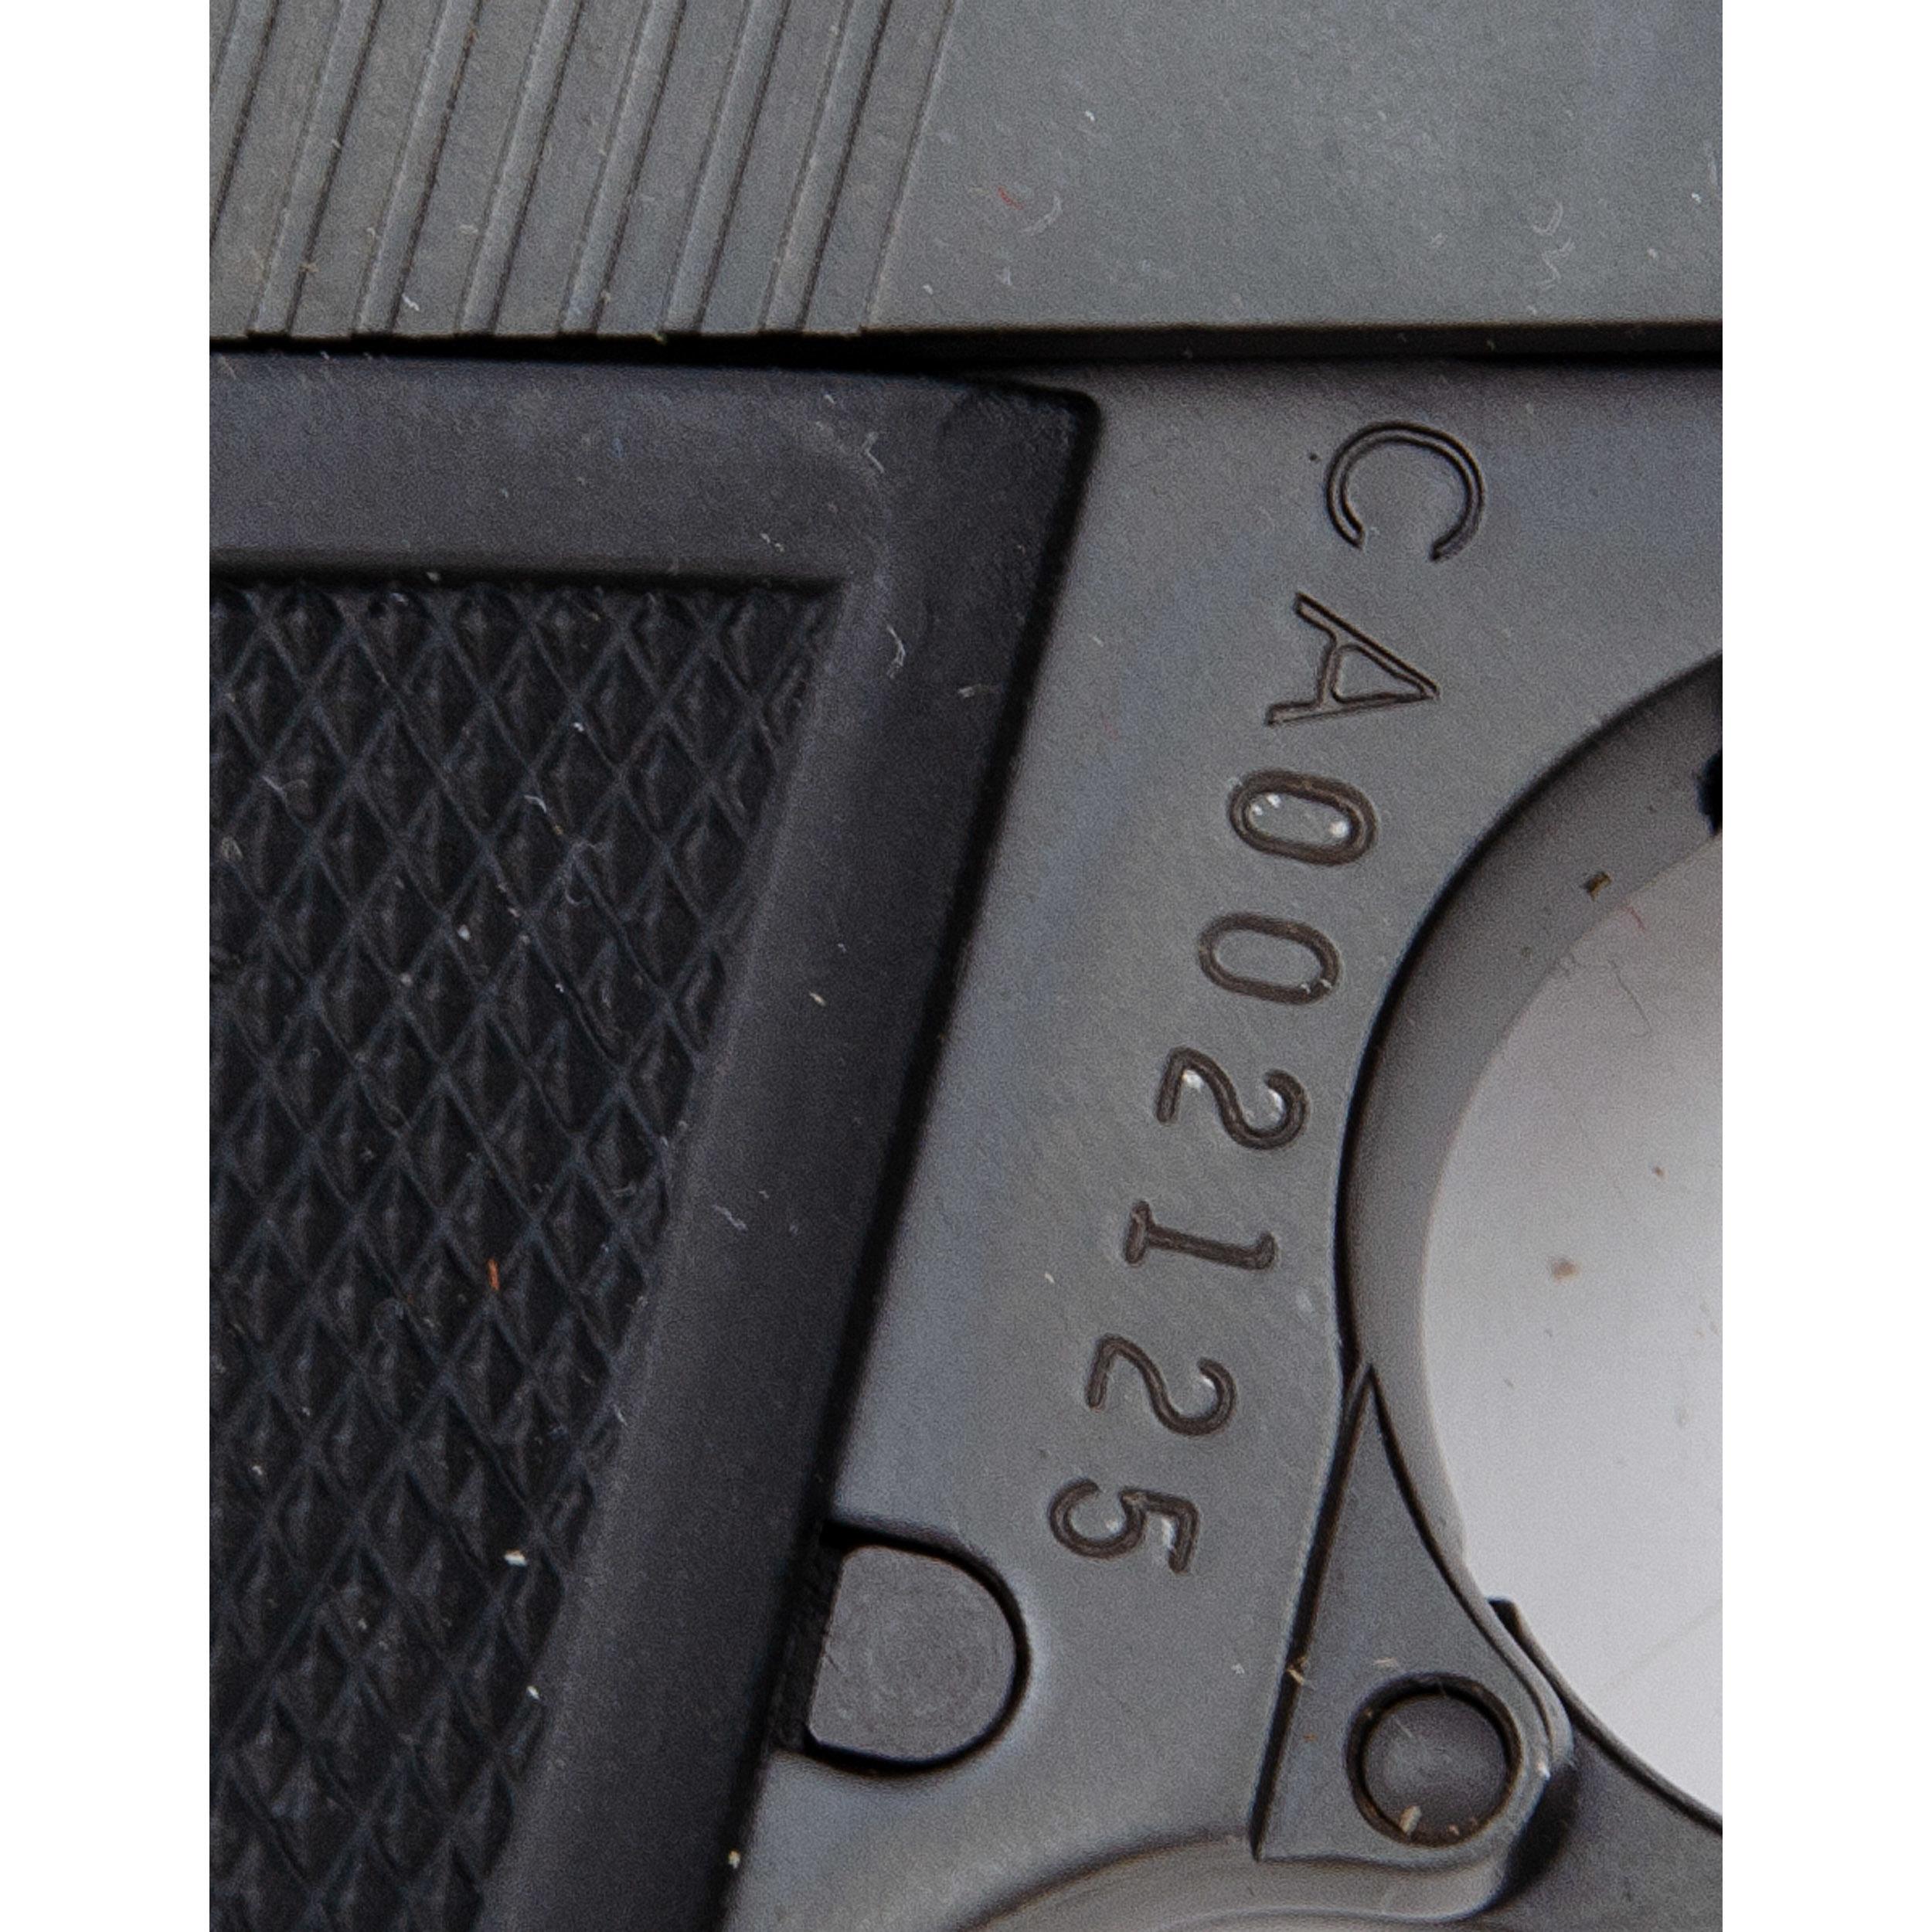 Daewoo DH 380 Pistol in Original Box   Cowan's Auction House: The